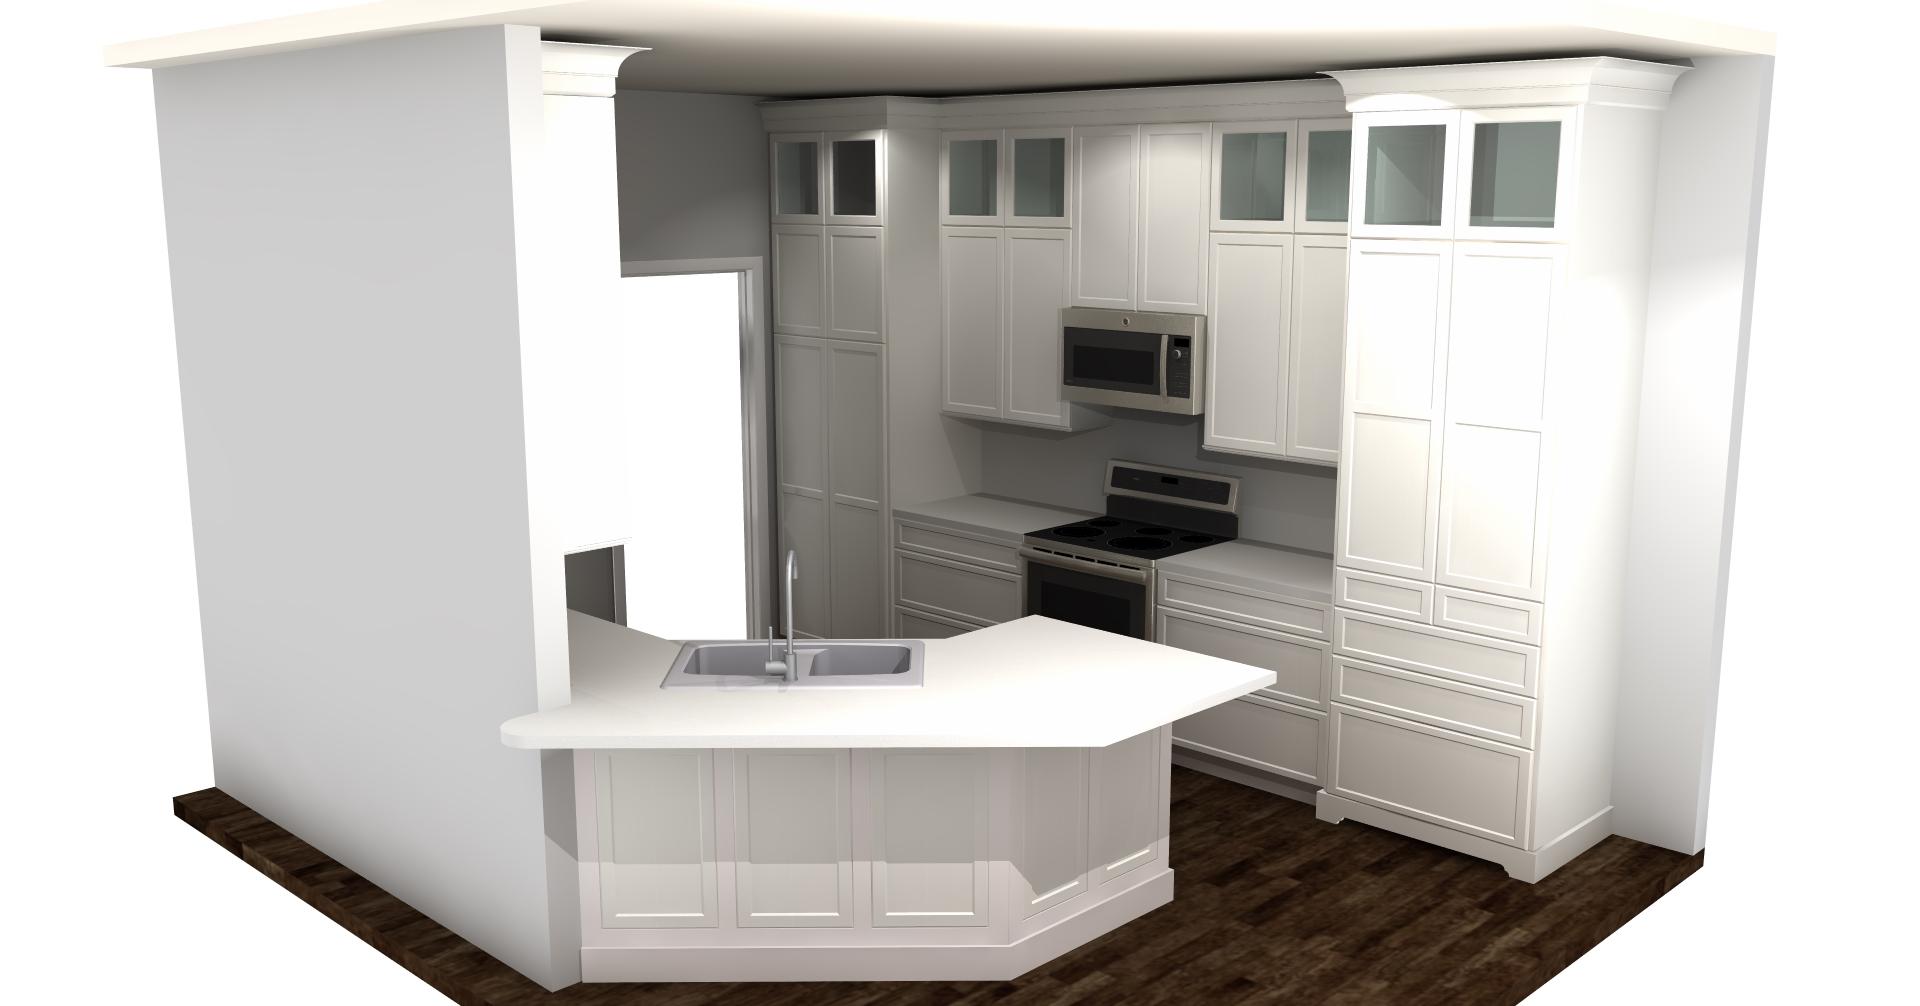 Digital Designs Gallery Cabinets By Renewabuild